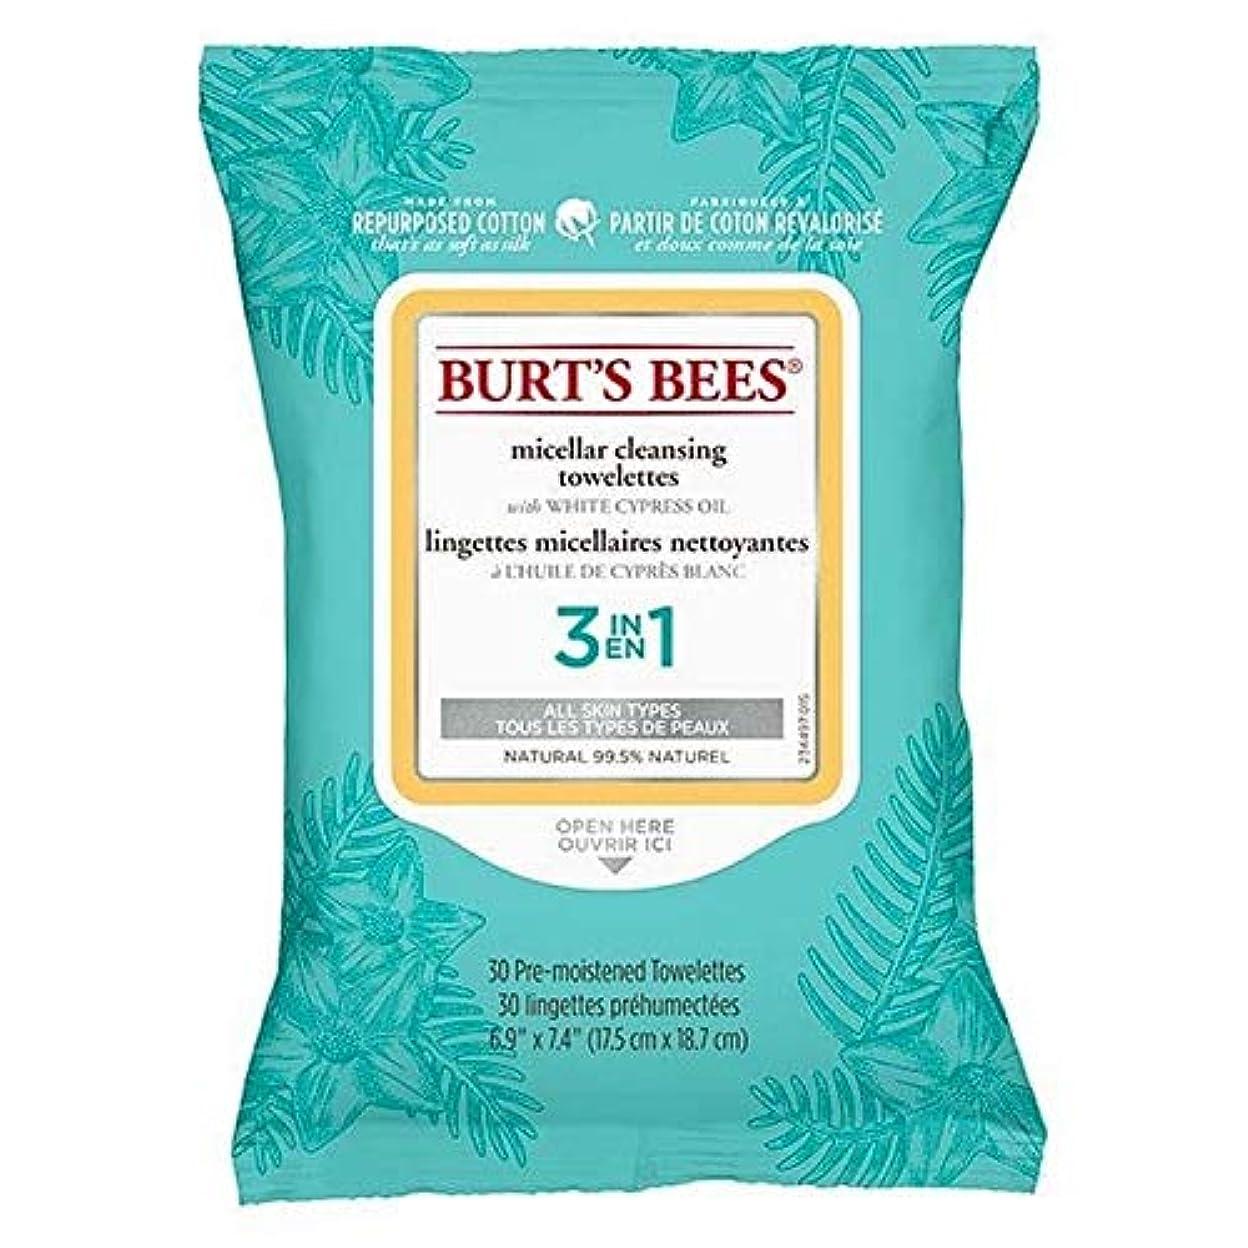 請求可能救援シュリンク[Burt's Bees ] バーツビーミセル顔はX30をワイプ - Burt's Bees Micellar Face Wipes x30 [並行輸入品]